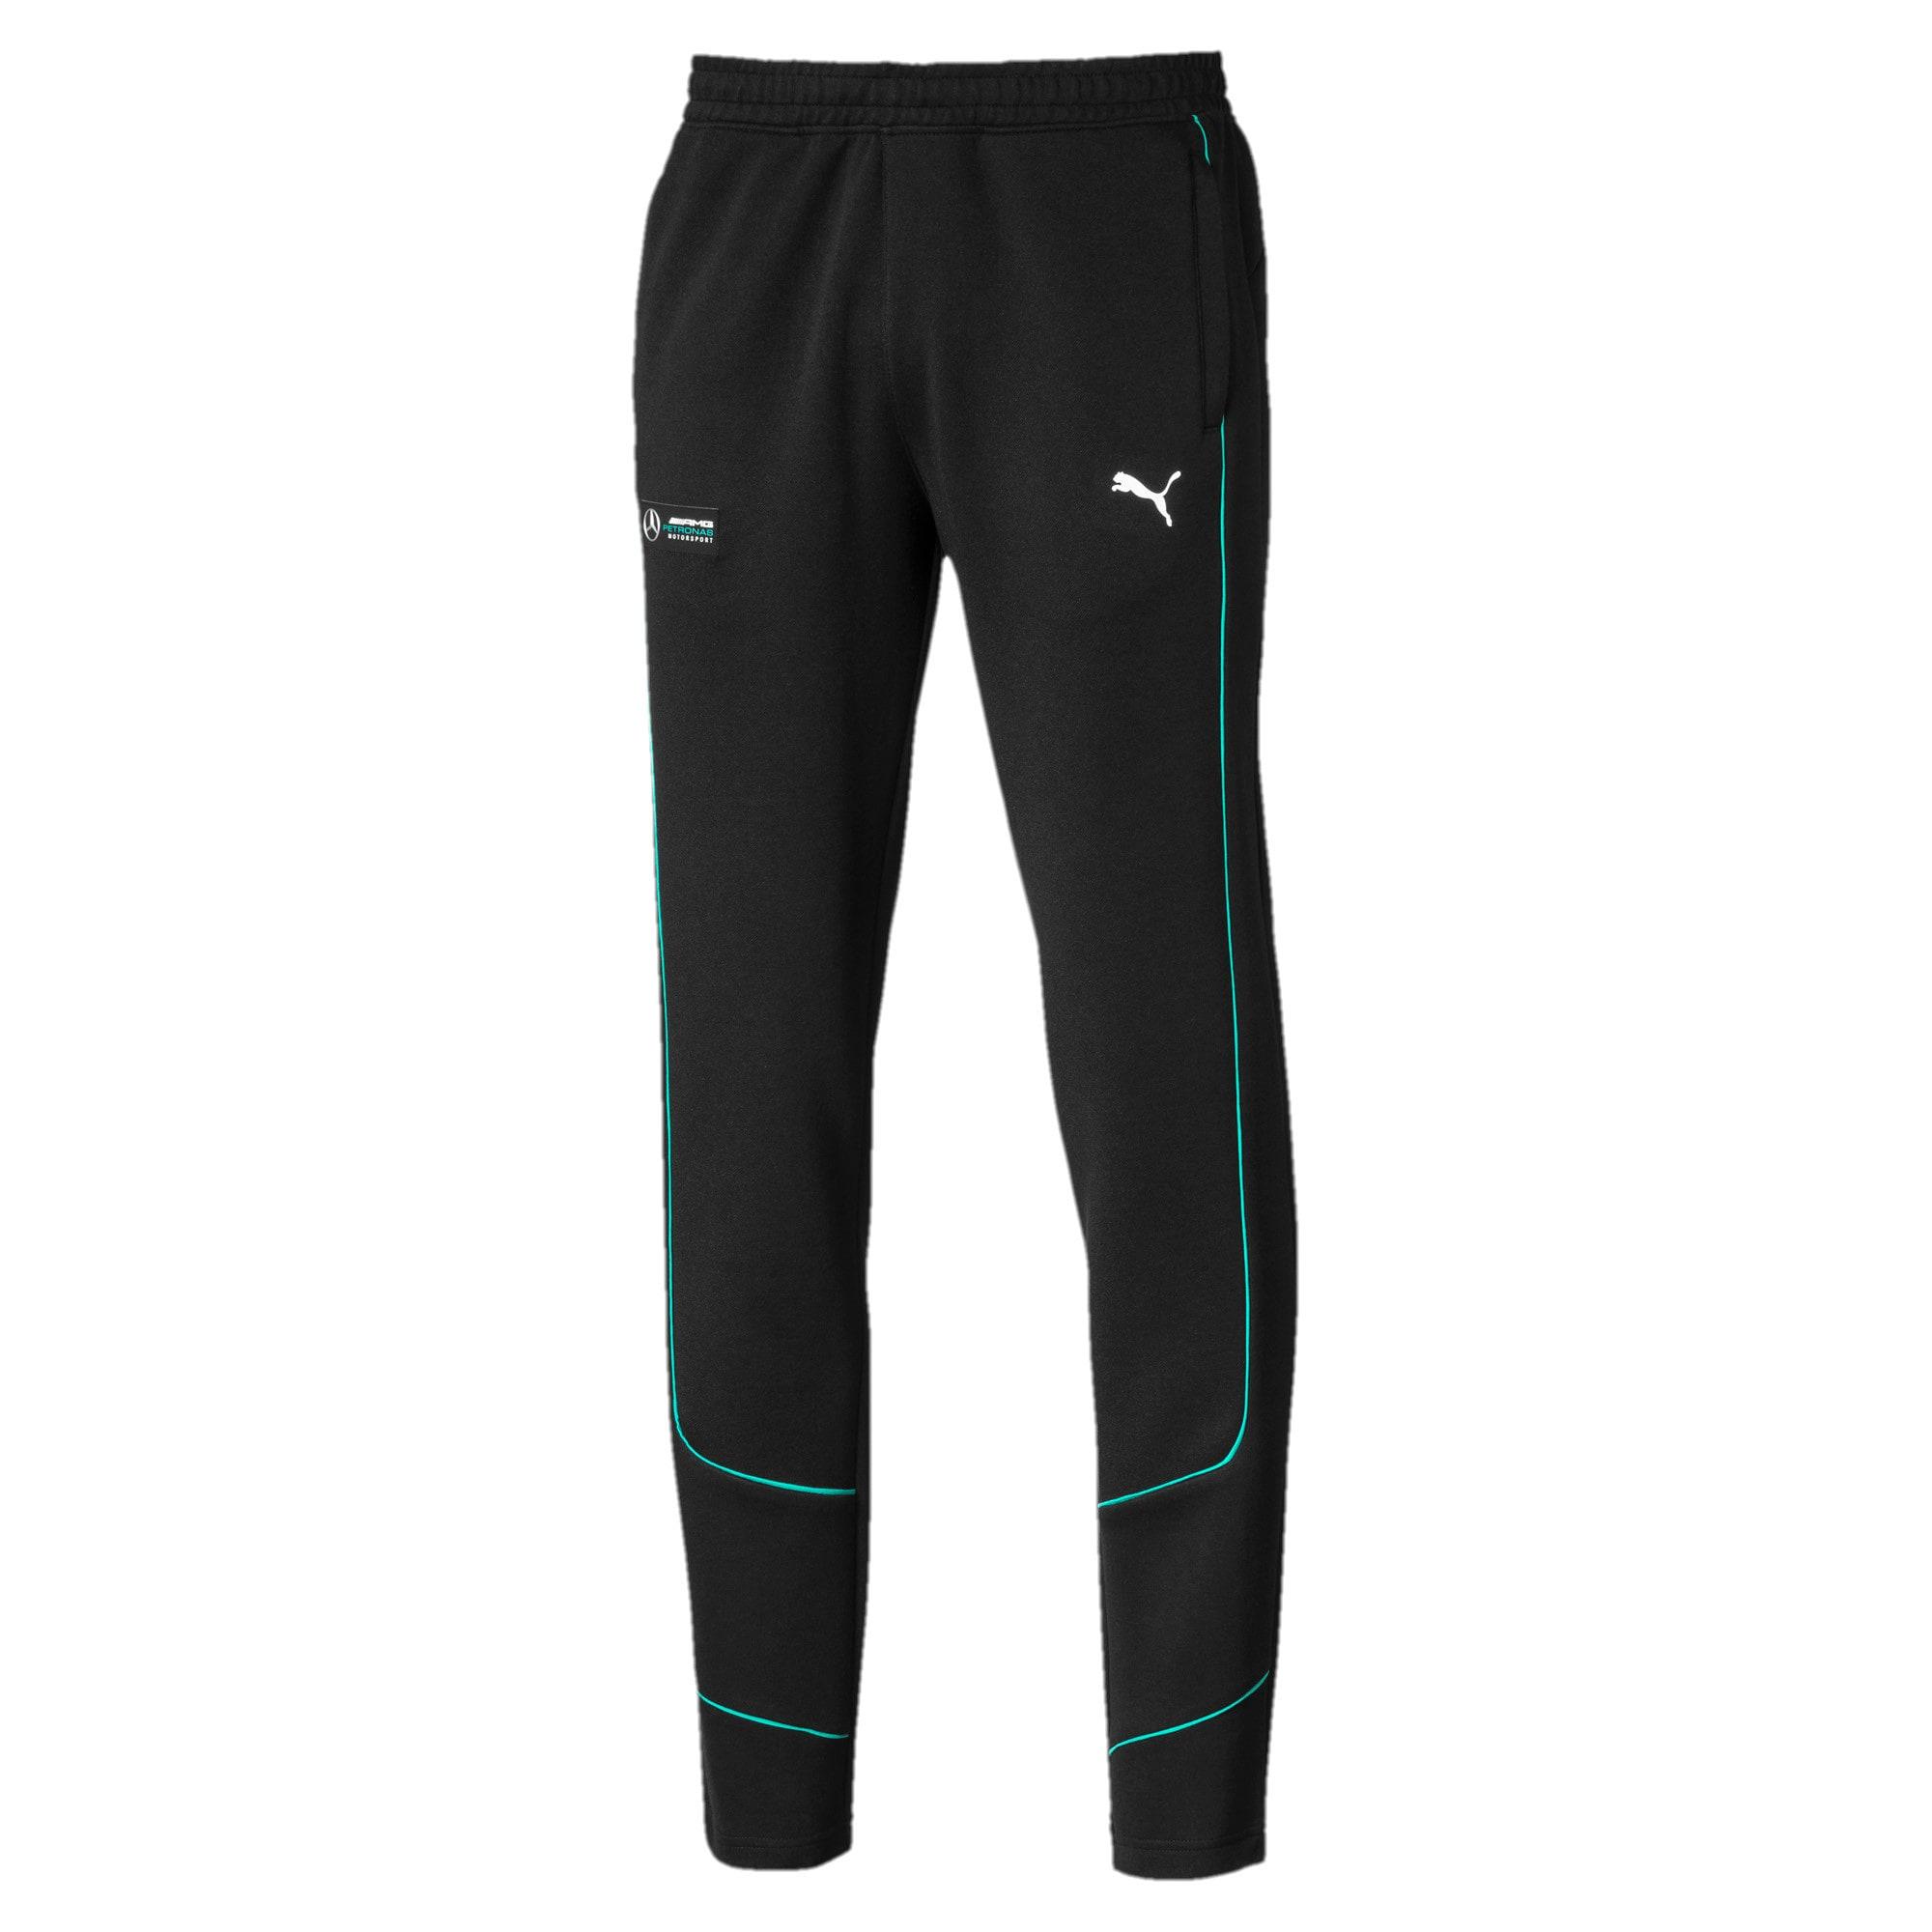 Miniatura 1 de Pantalones deportivos Mercedes AMG Petronas para hombre, Puma Black, mediano